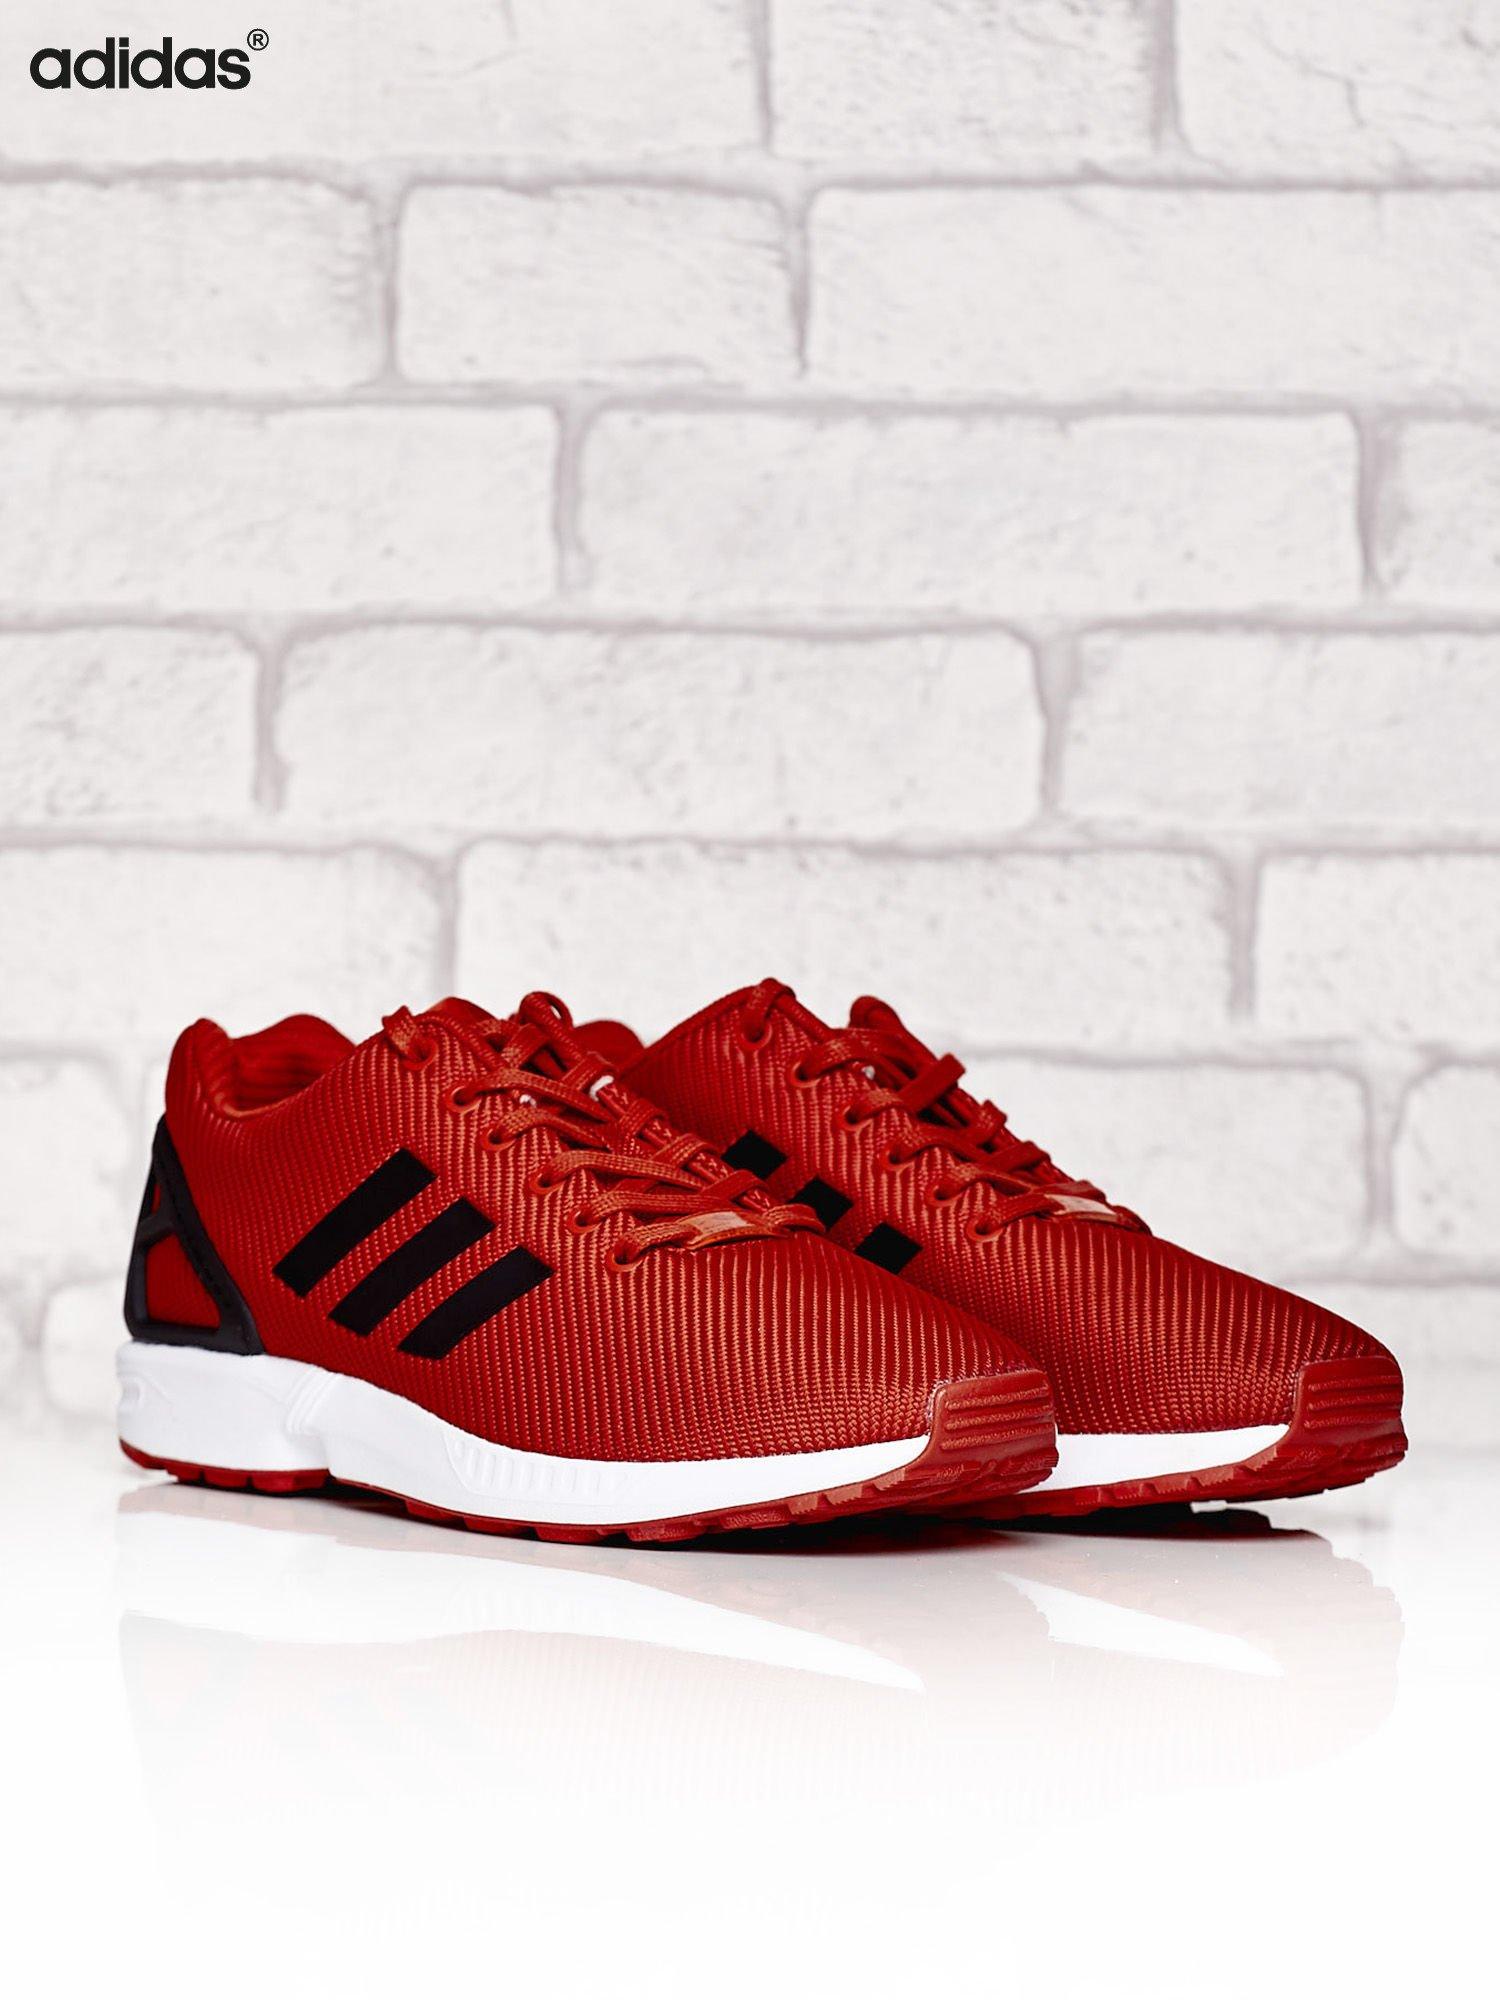 wyprzedaż w sprzedaży autentyczny autentyczny ADIDAS Ciemnopomarańczowe buty sportowe męskie